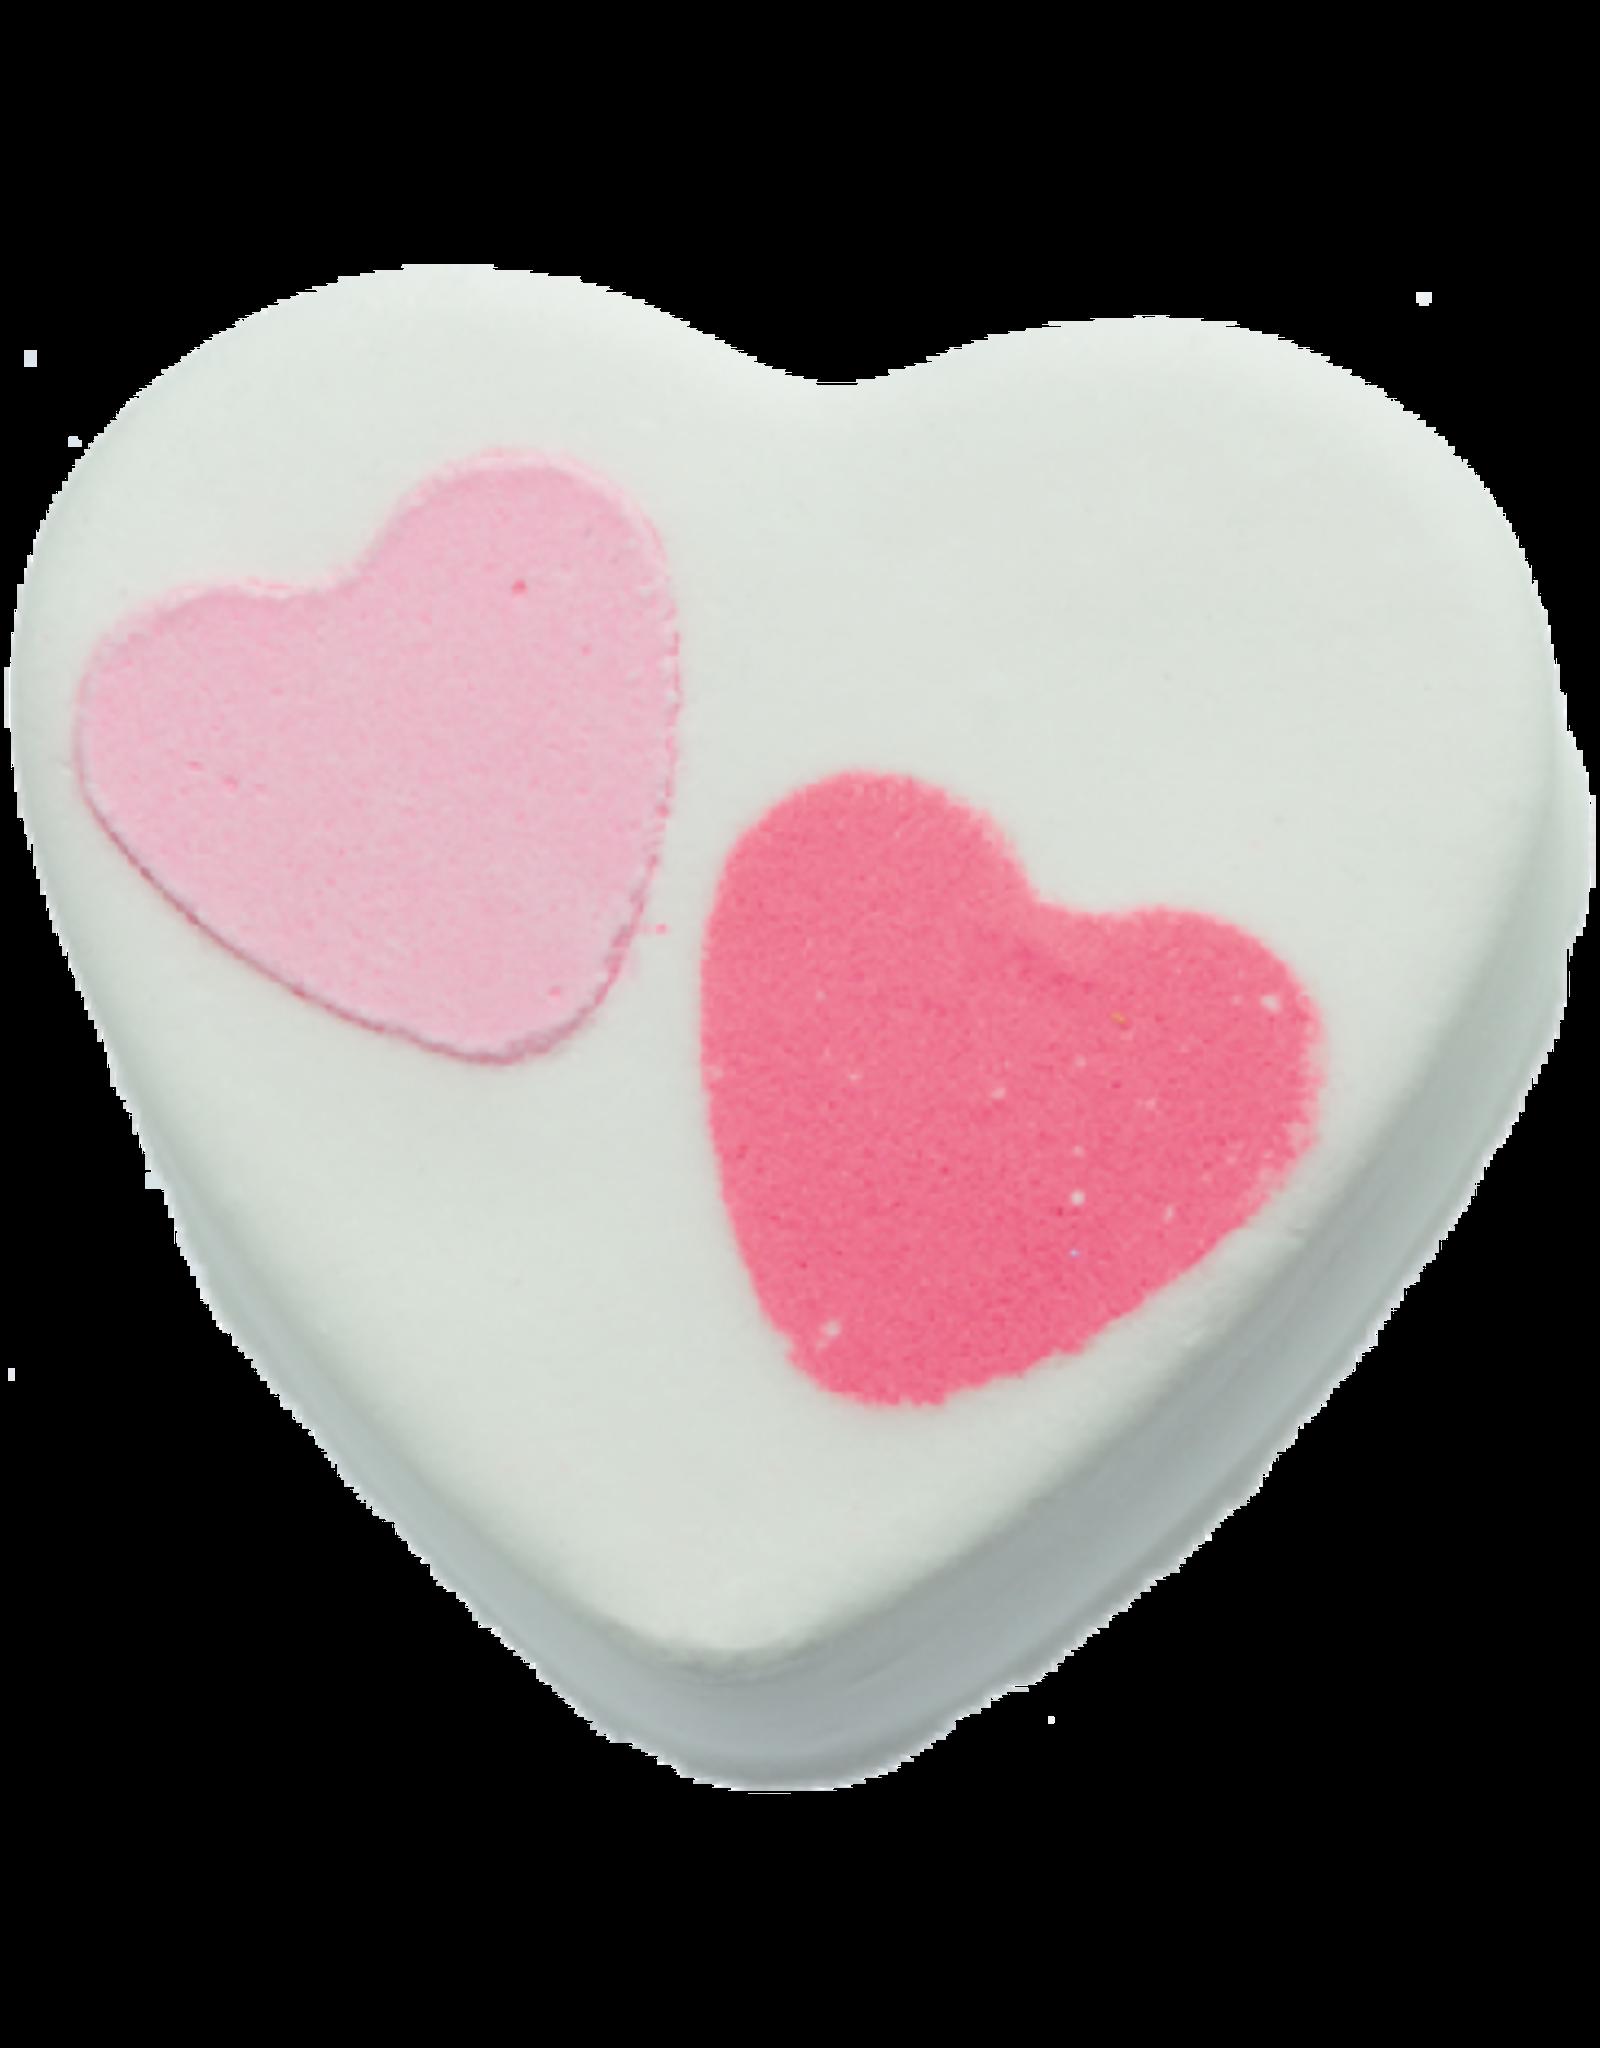 Bomb Cosmetics Bath Blaster 'Heart 2 Heart' - Body & Soap